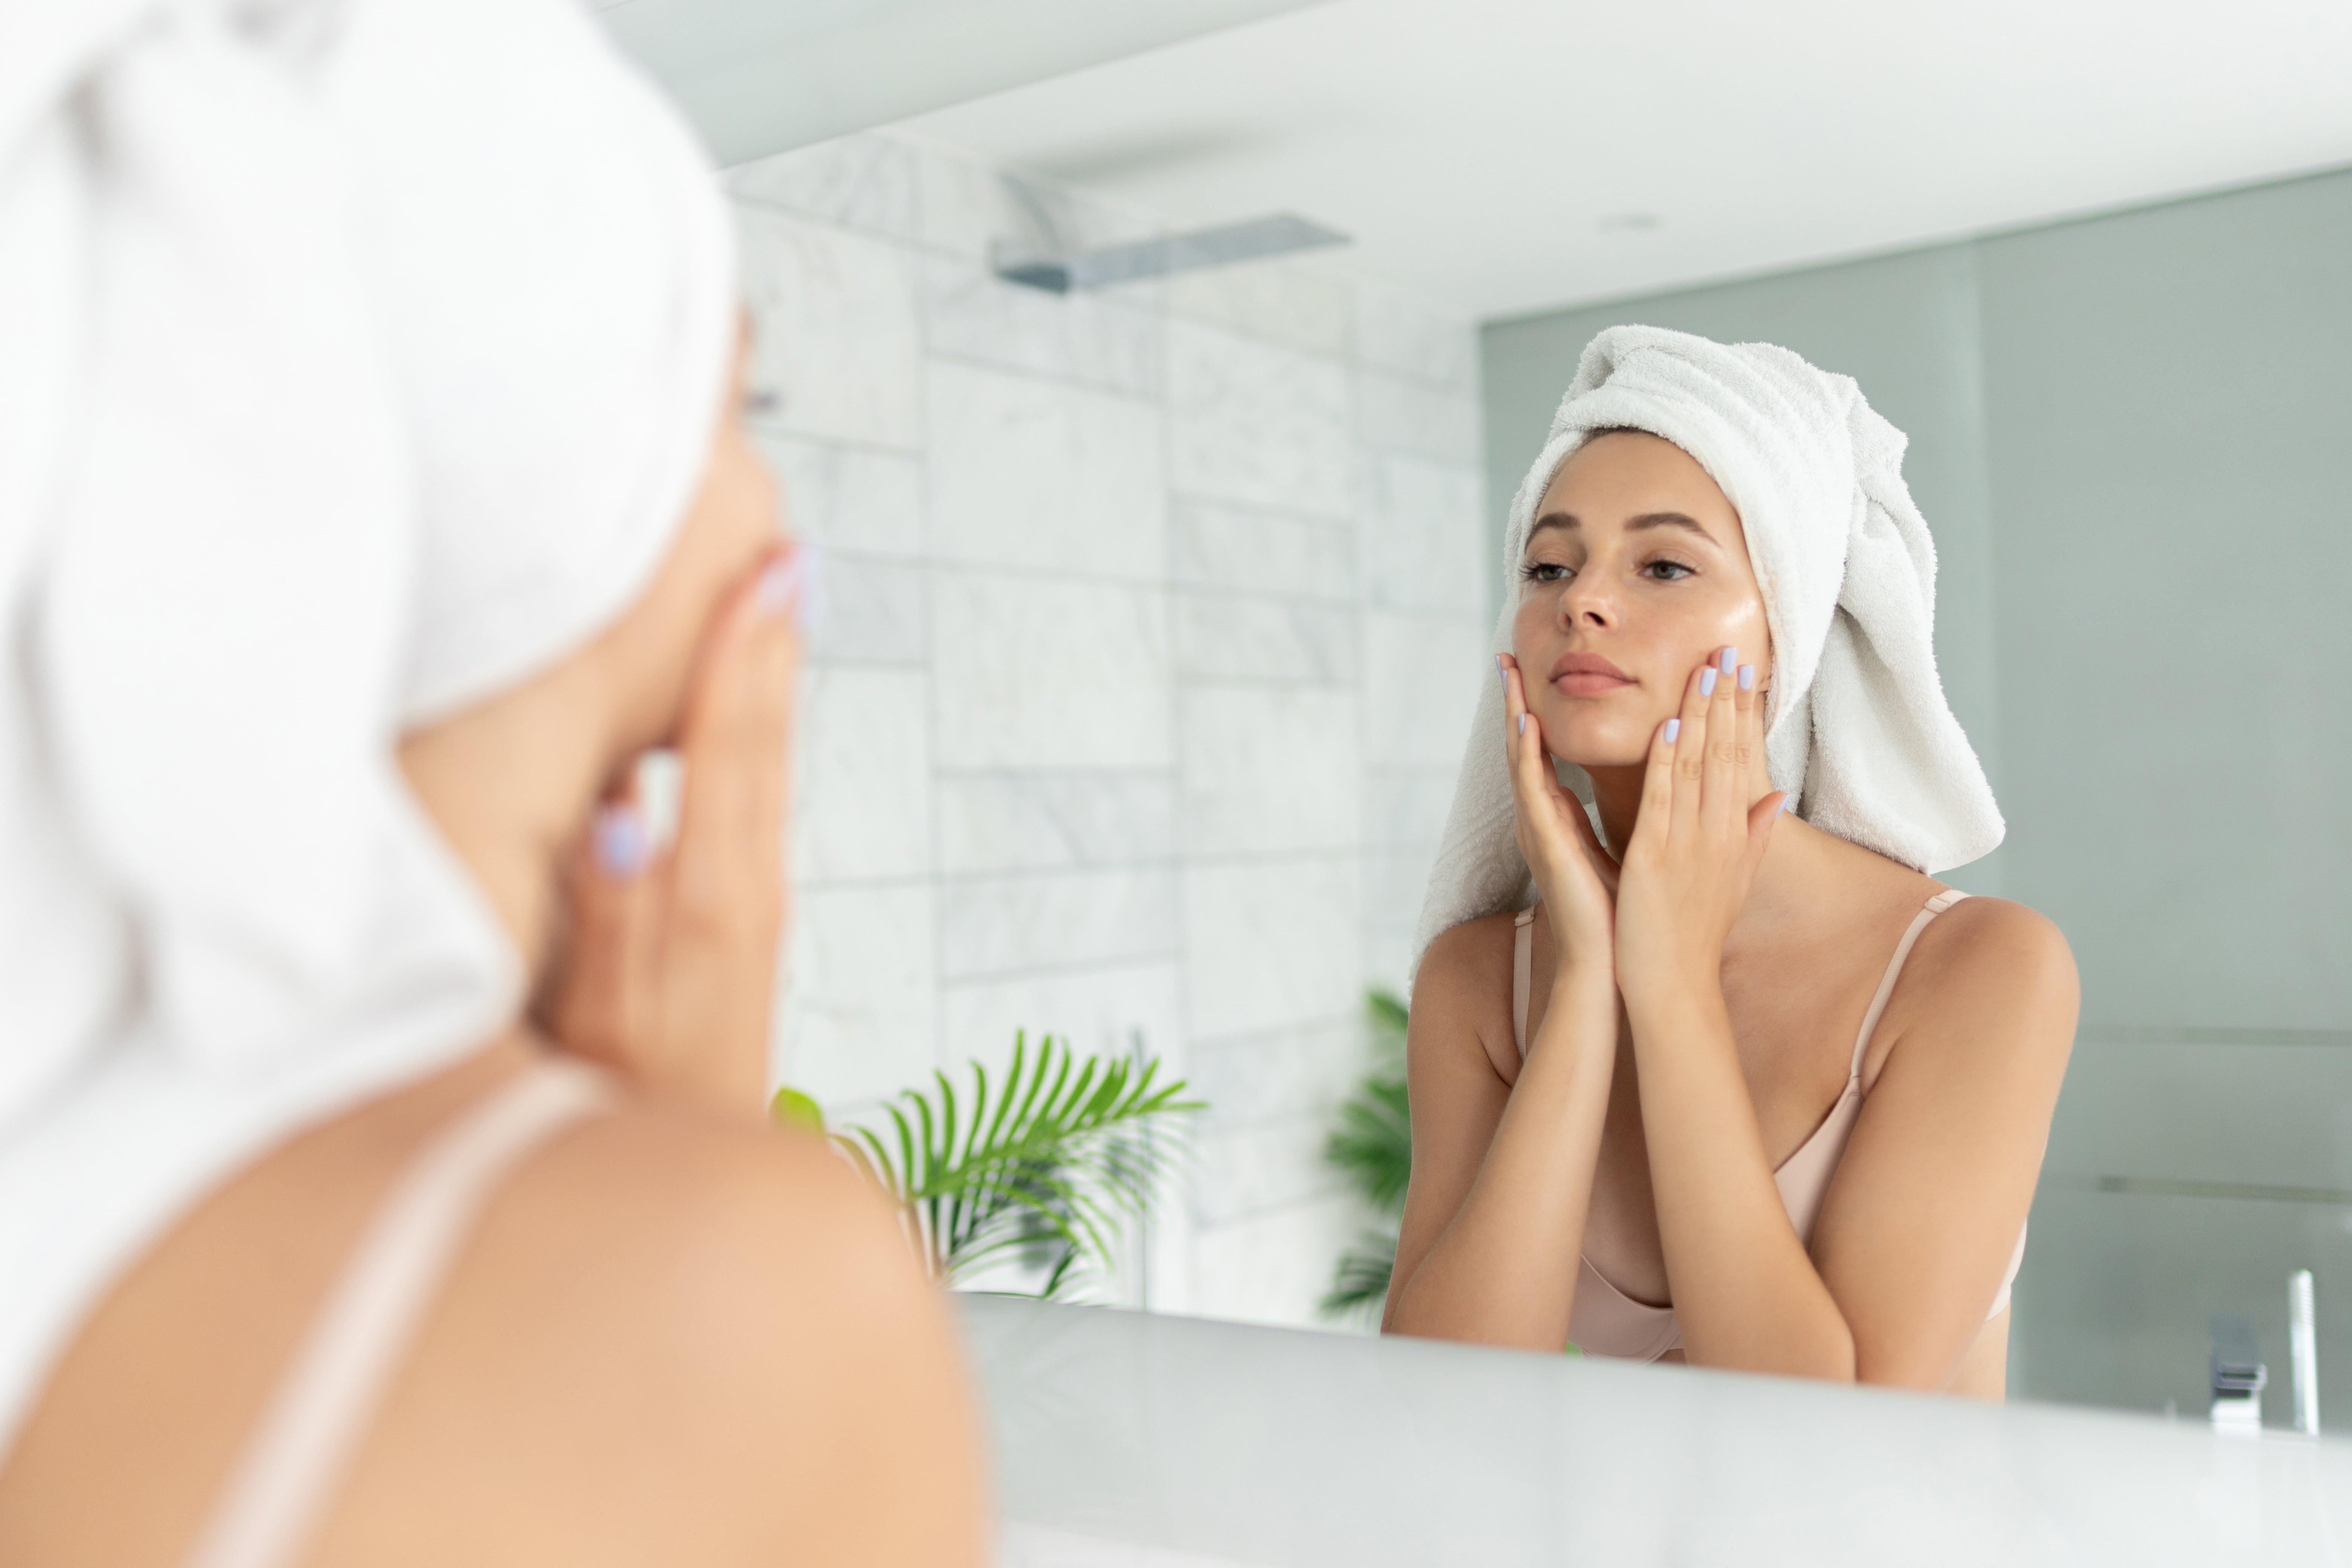 7 Best Ways to Banish Wrinkles